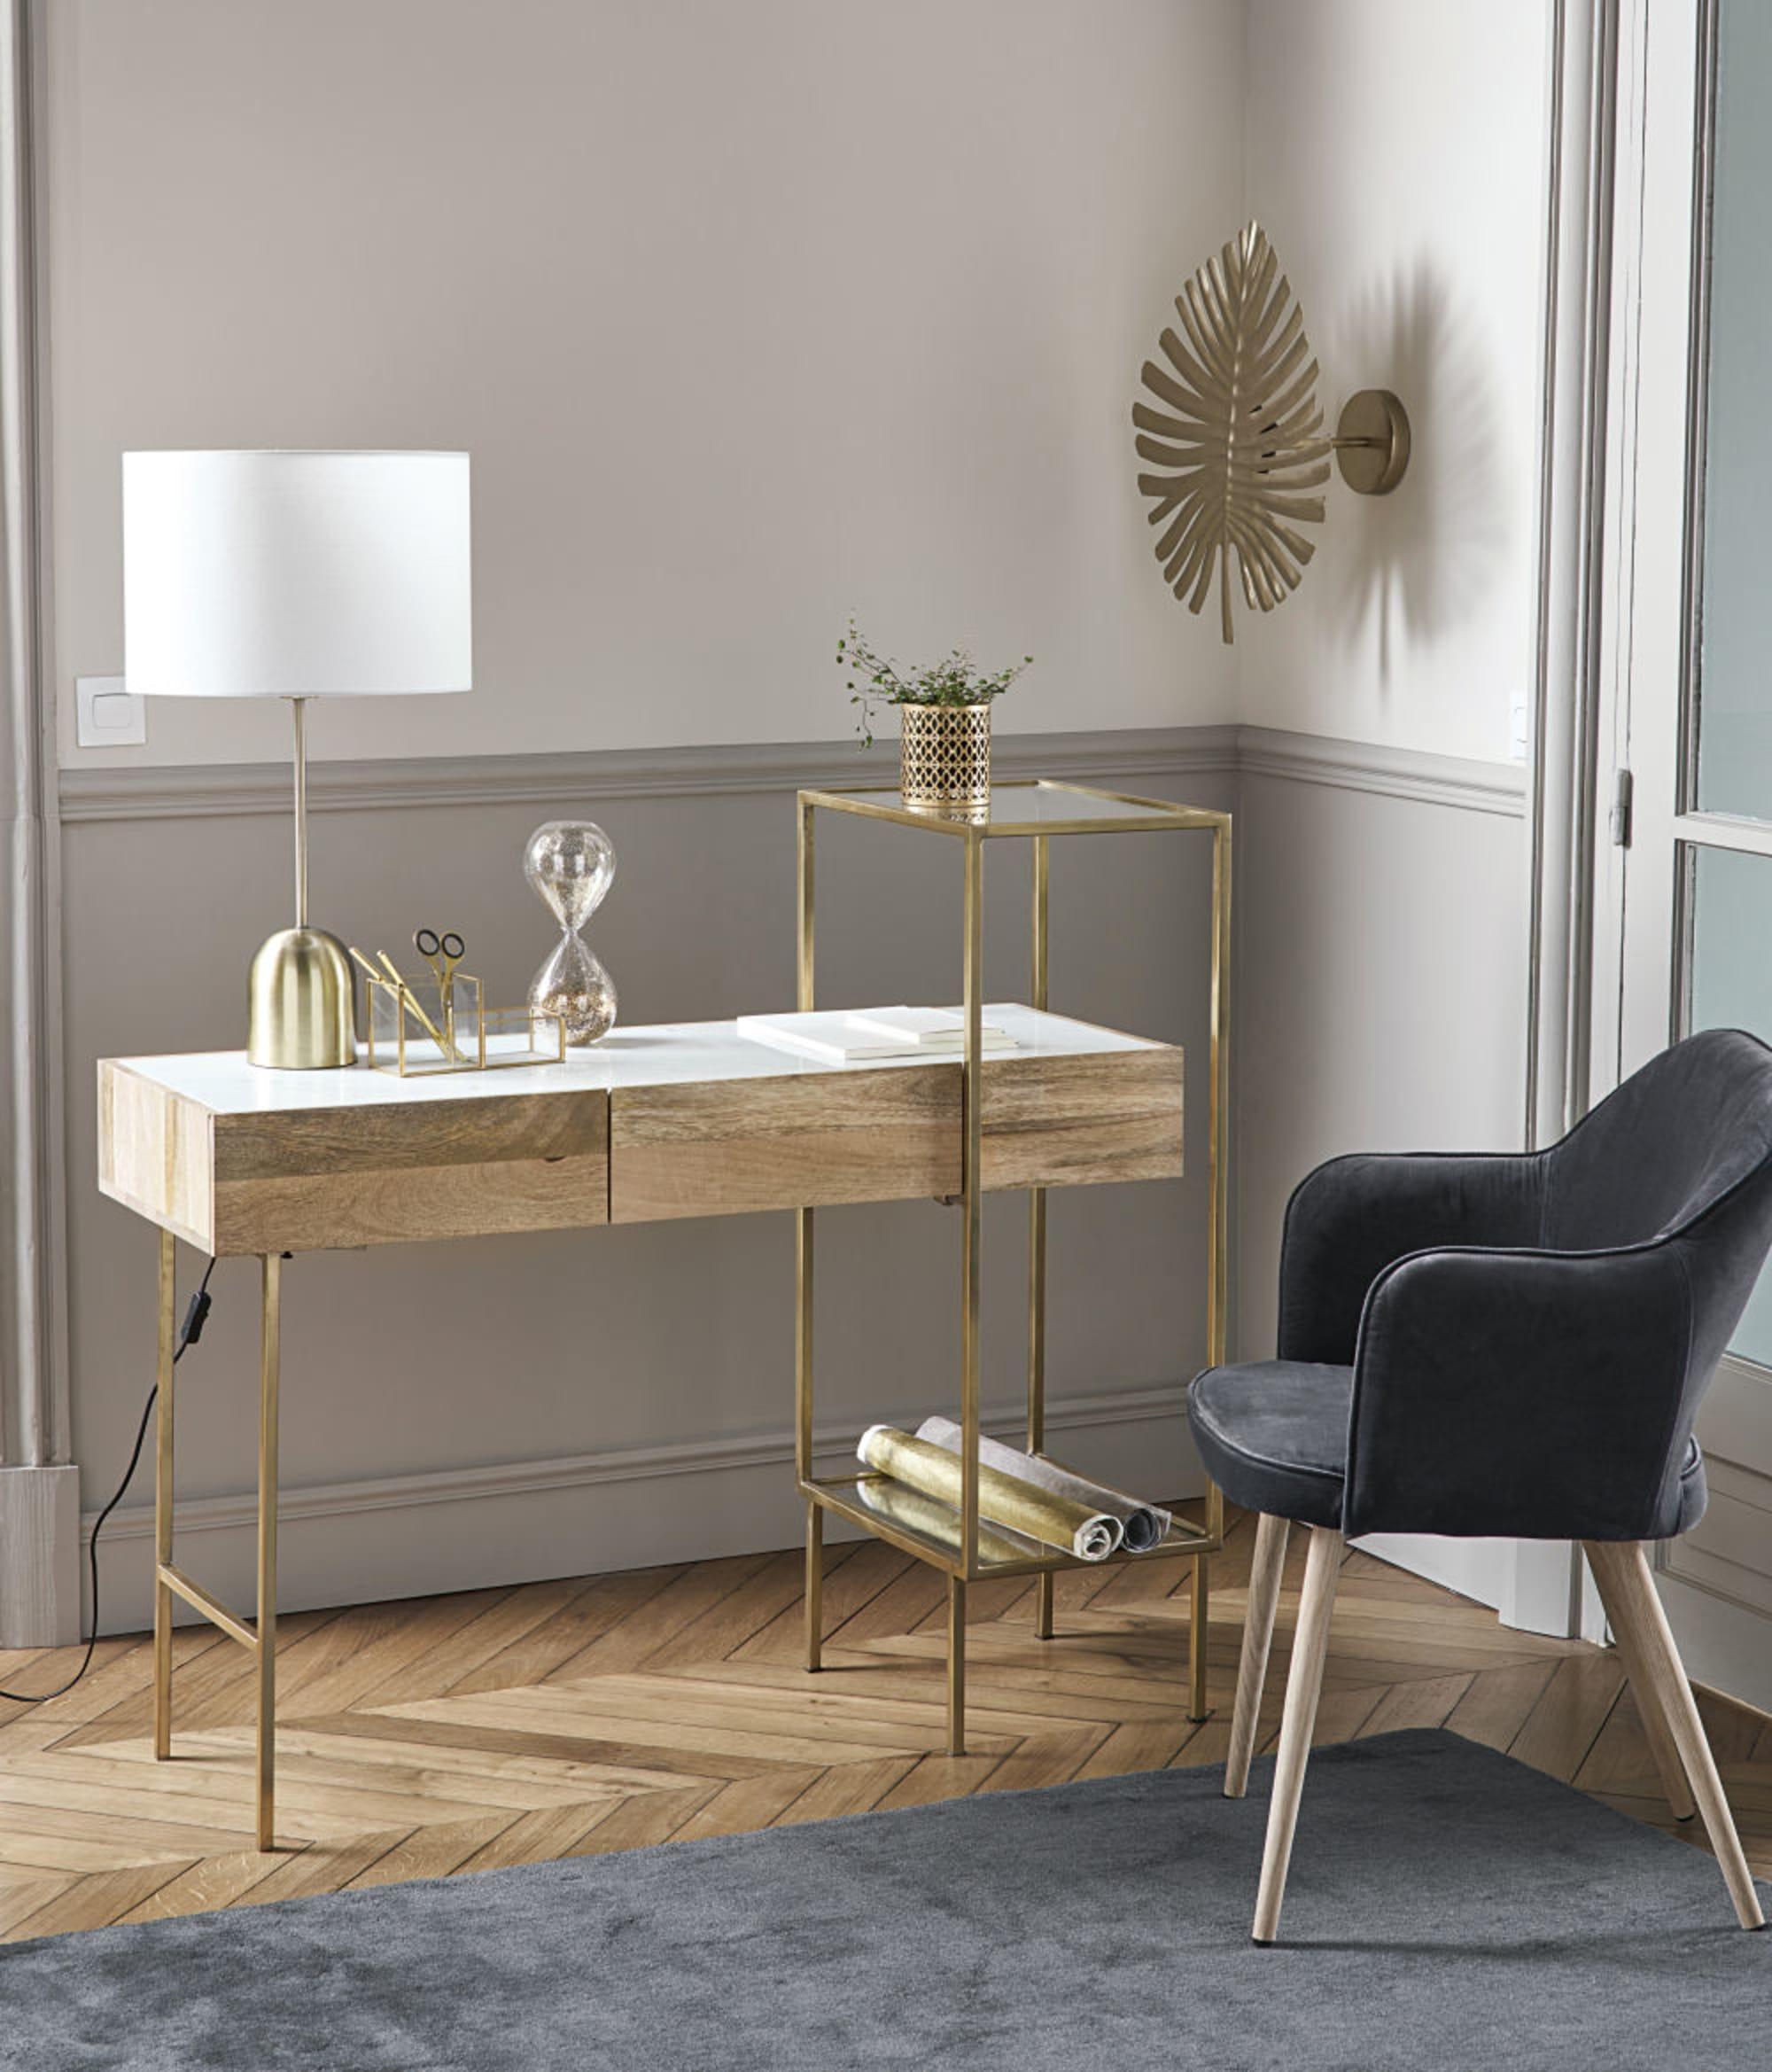 Luminaire Maison du monde -Applique feuille en métal doré pour bureau